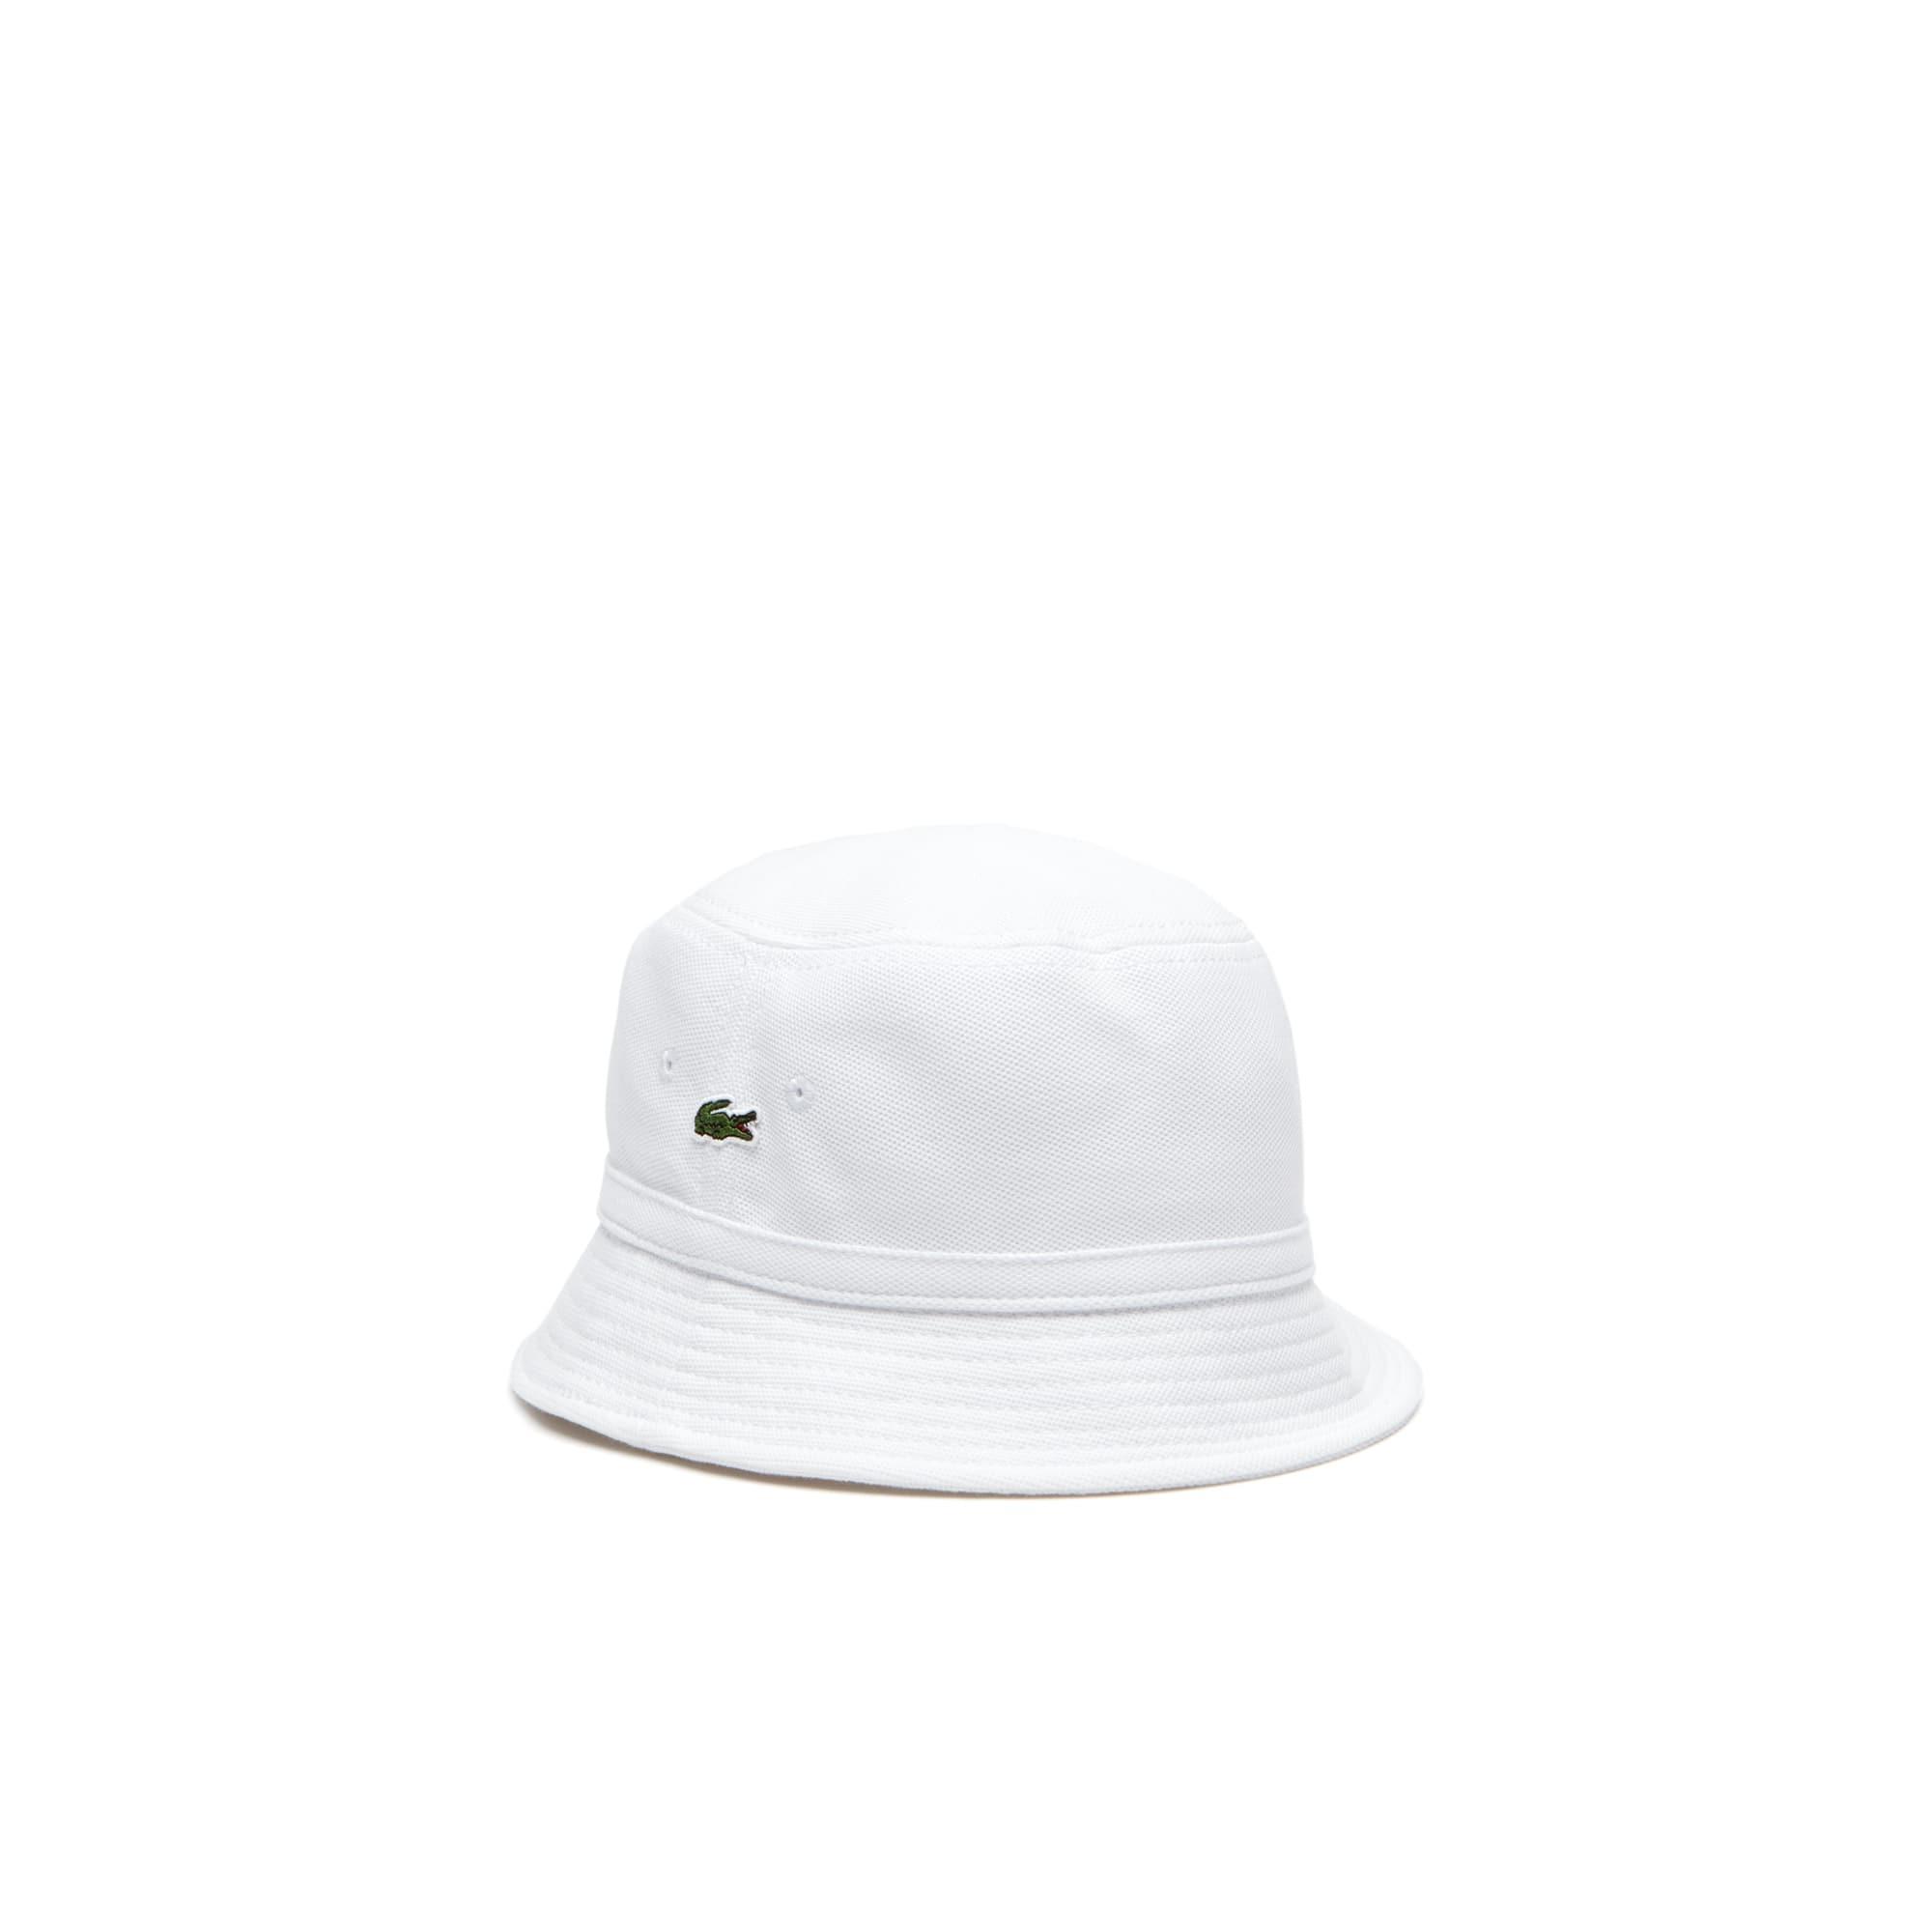 Chapéu unicolor em piqué de algodão